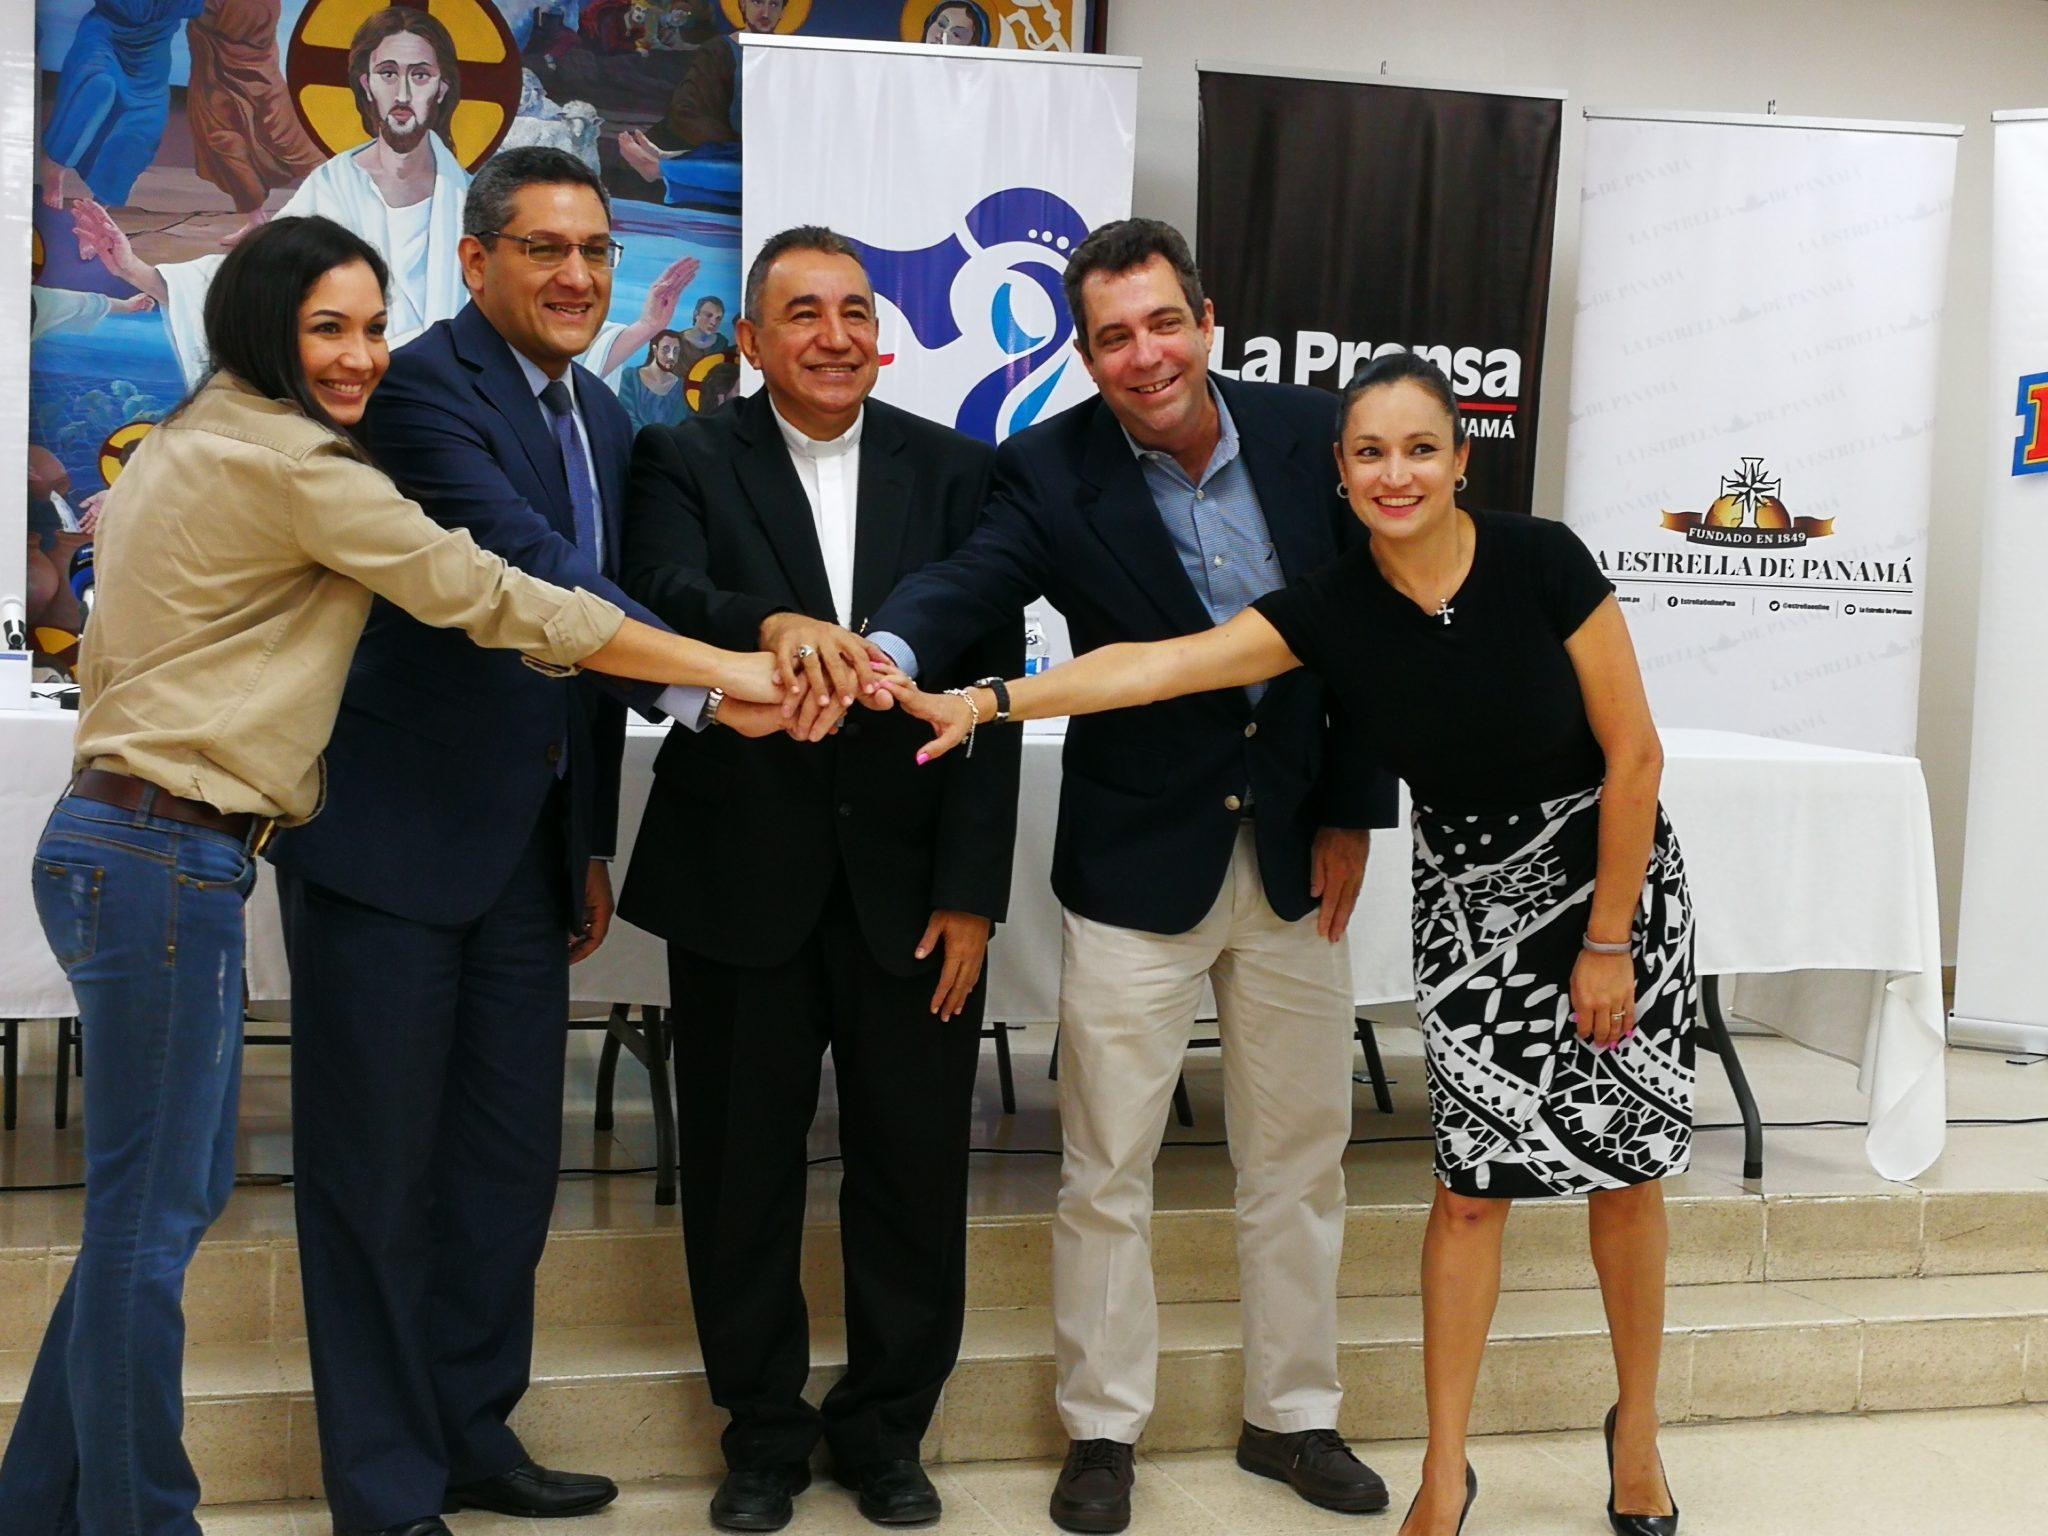 Diarios de circulación nacional oficializan apoyo a la JMJ Panamá